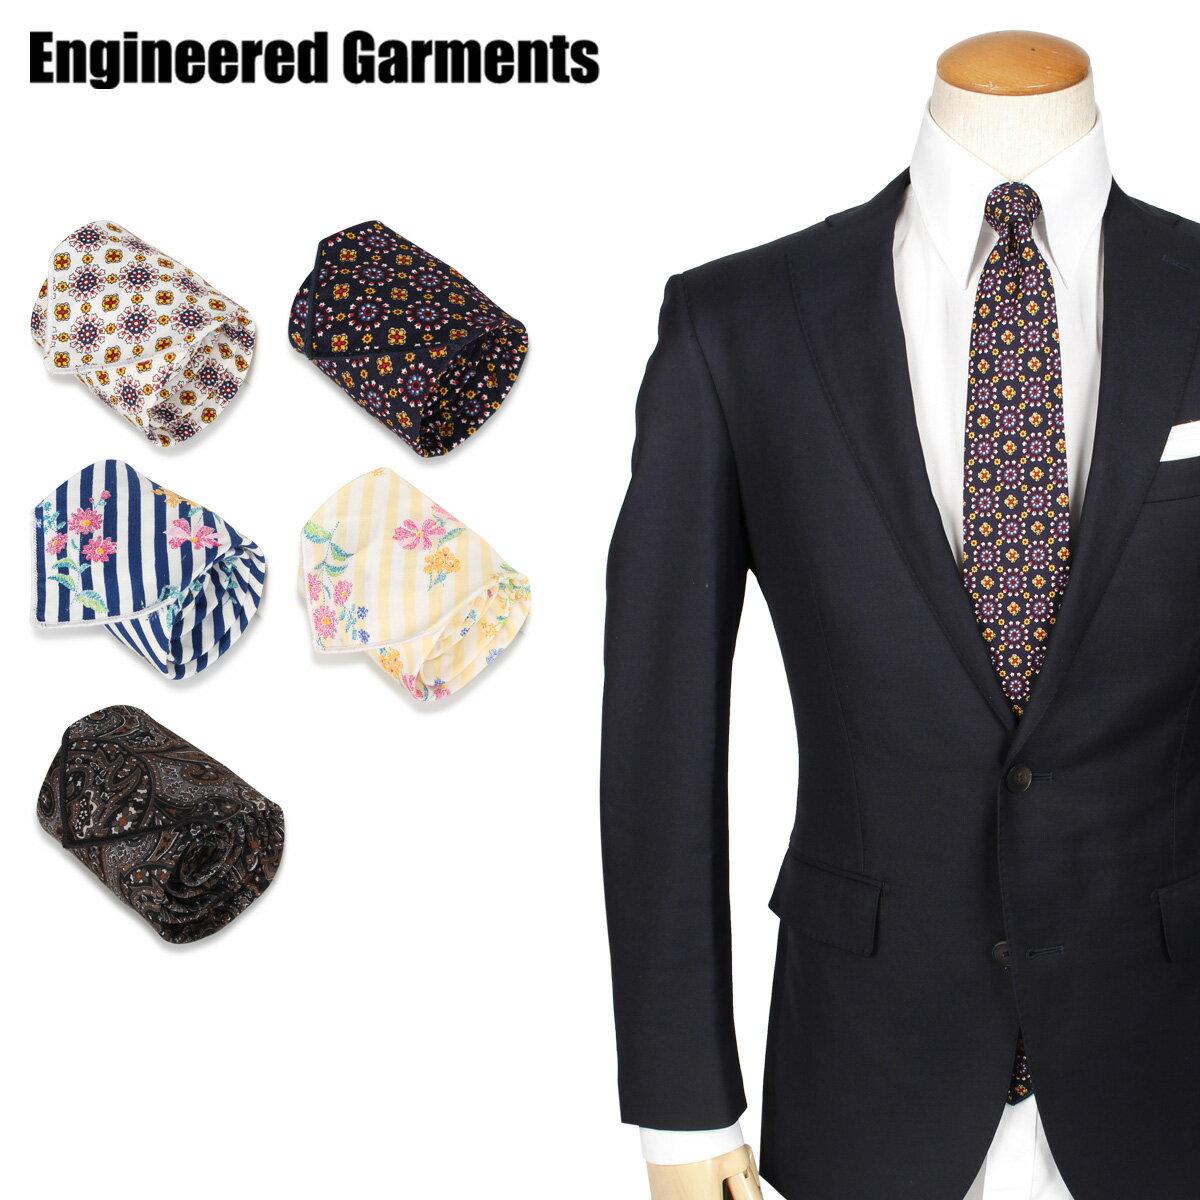 スーツ用ファッション小物, ネクタイ ENGINEERED GARMENTS TIE 20S1H006